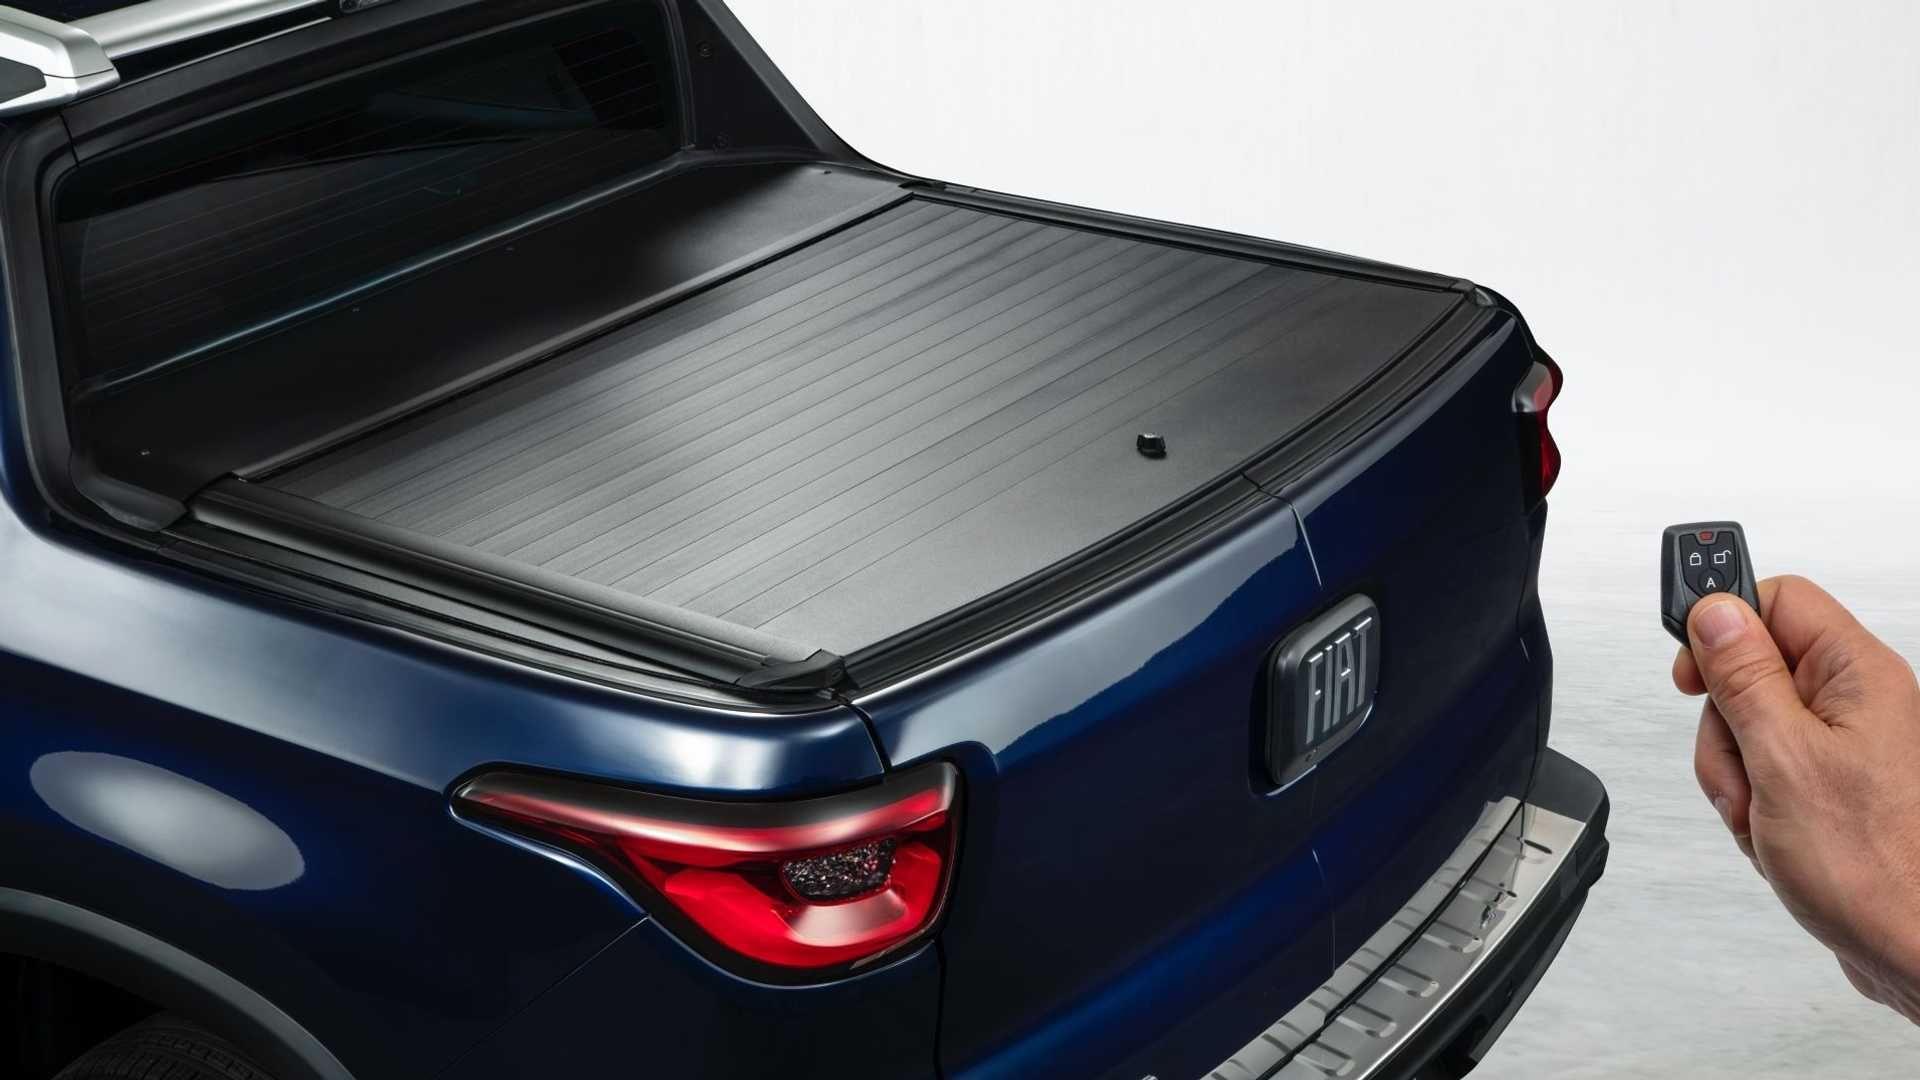 Con look más deportivo: así luce la Fiat Toro 2022 con el kit de accesorios Mopar   Garantia Plus